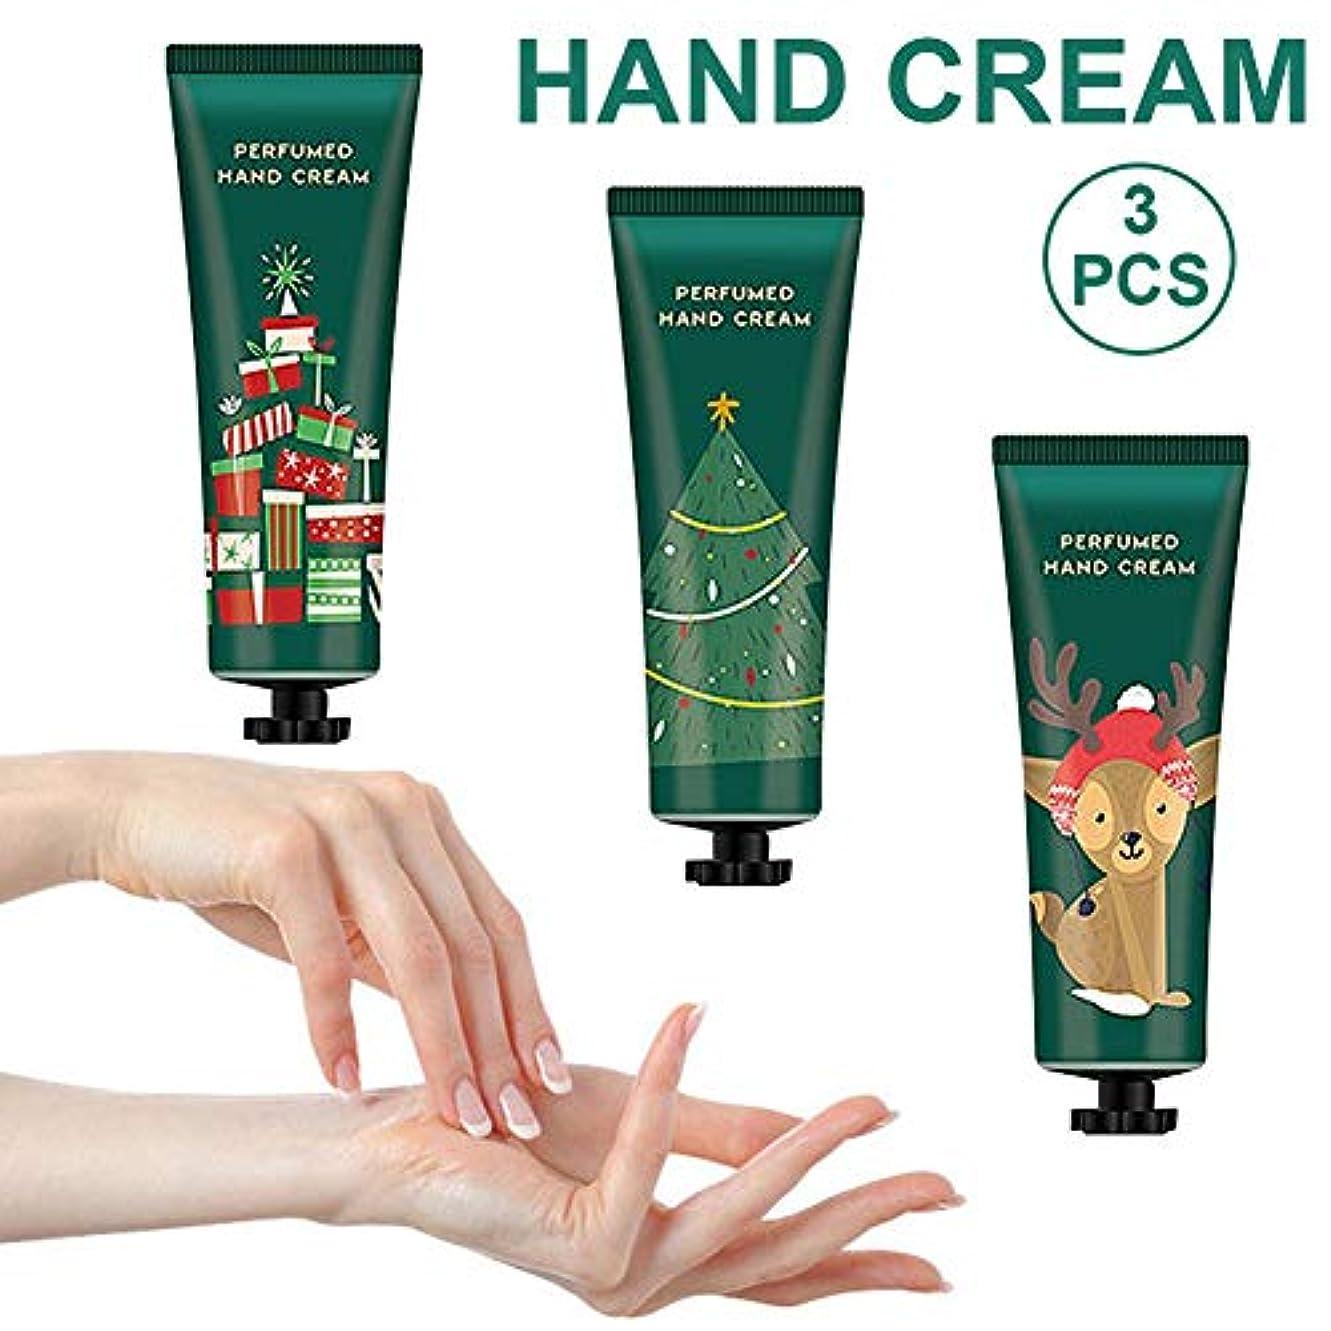 ローブ聖歌ガソリンSILUN ハンドクリーム 保湿 クリーム 植物性保湿成分 無香料 濃厚こってりクリーム 保湿ハンドクリーム 肌に栄養を与える 手荒れ ハンドケア スキンケアクリーム クリスマス プレゼント ギフト お得3本セット